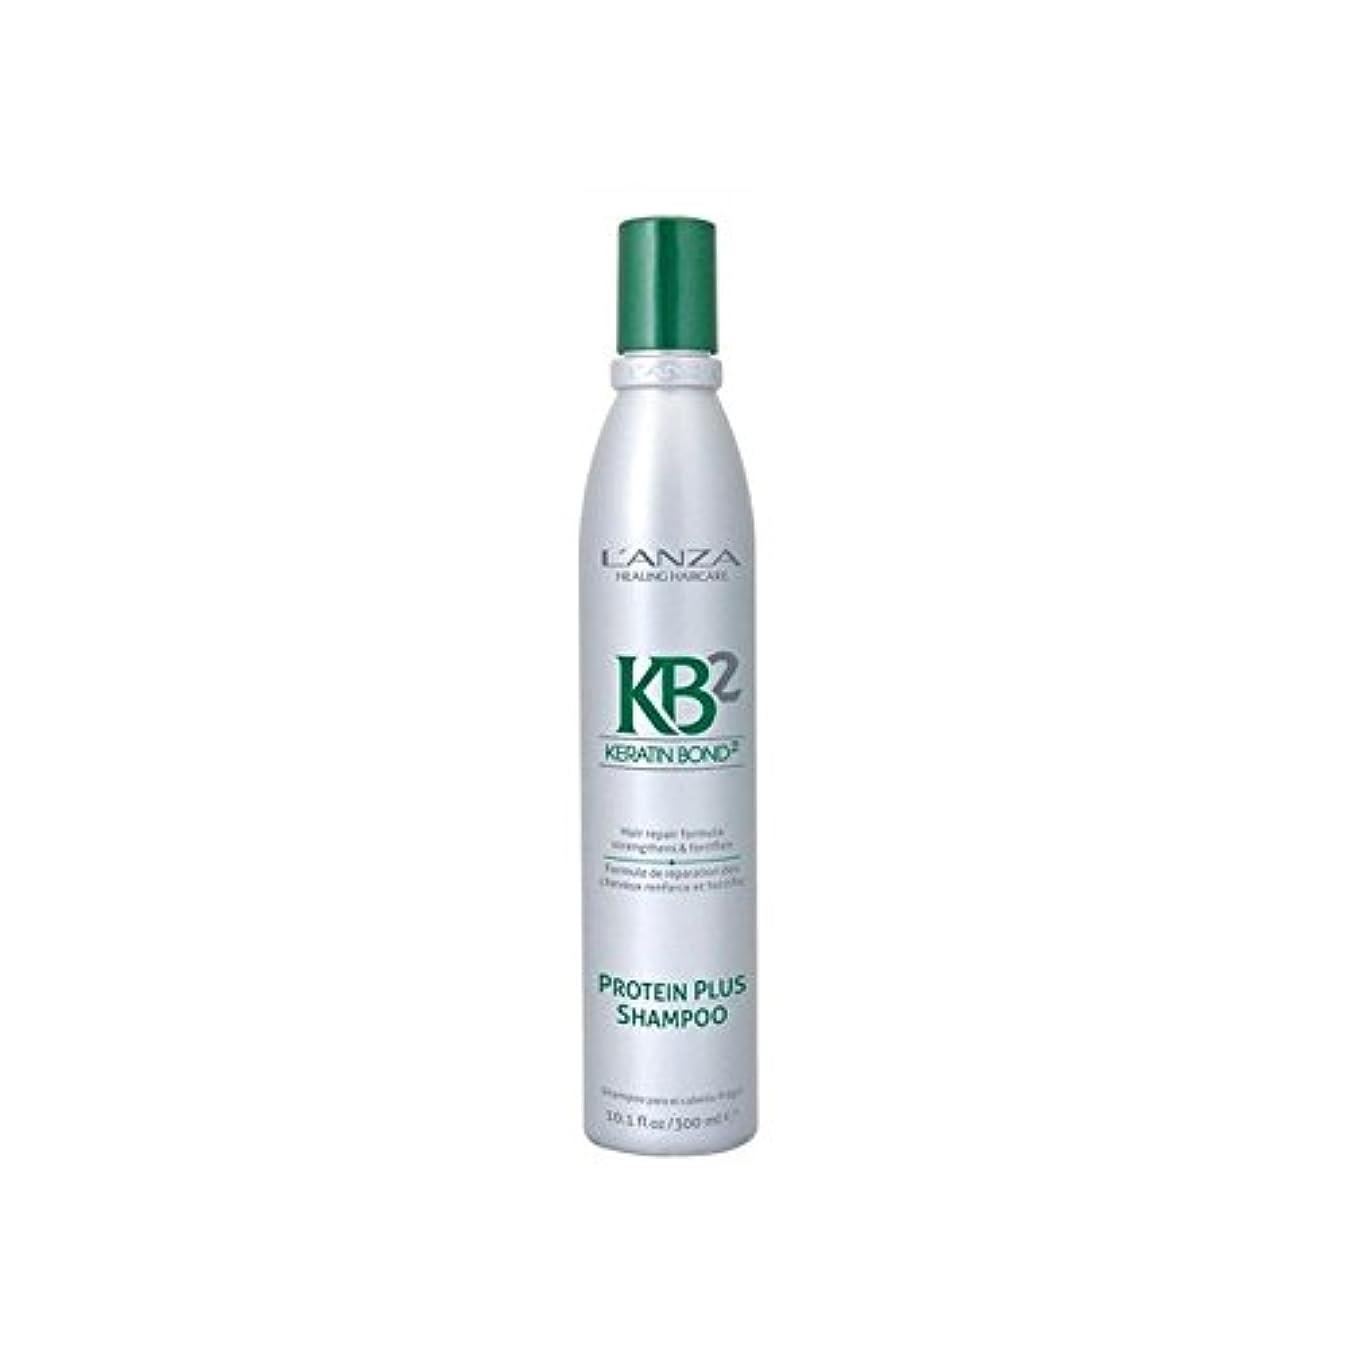 天文学希少性本当のことを言うとL'Anza Kb2 Protein Plus Shampoo (300ml) (Pack of 6) - アンザ2タンパク質プラスシャンプー(300ミリリットル) x6 [並行輸入品]